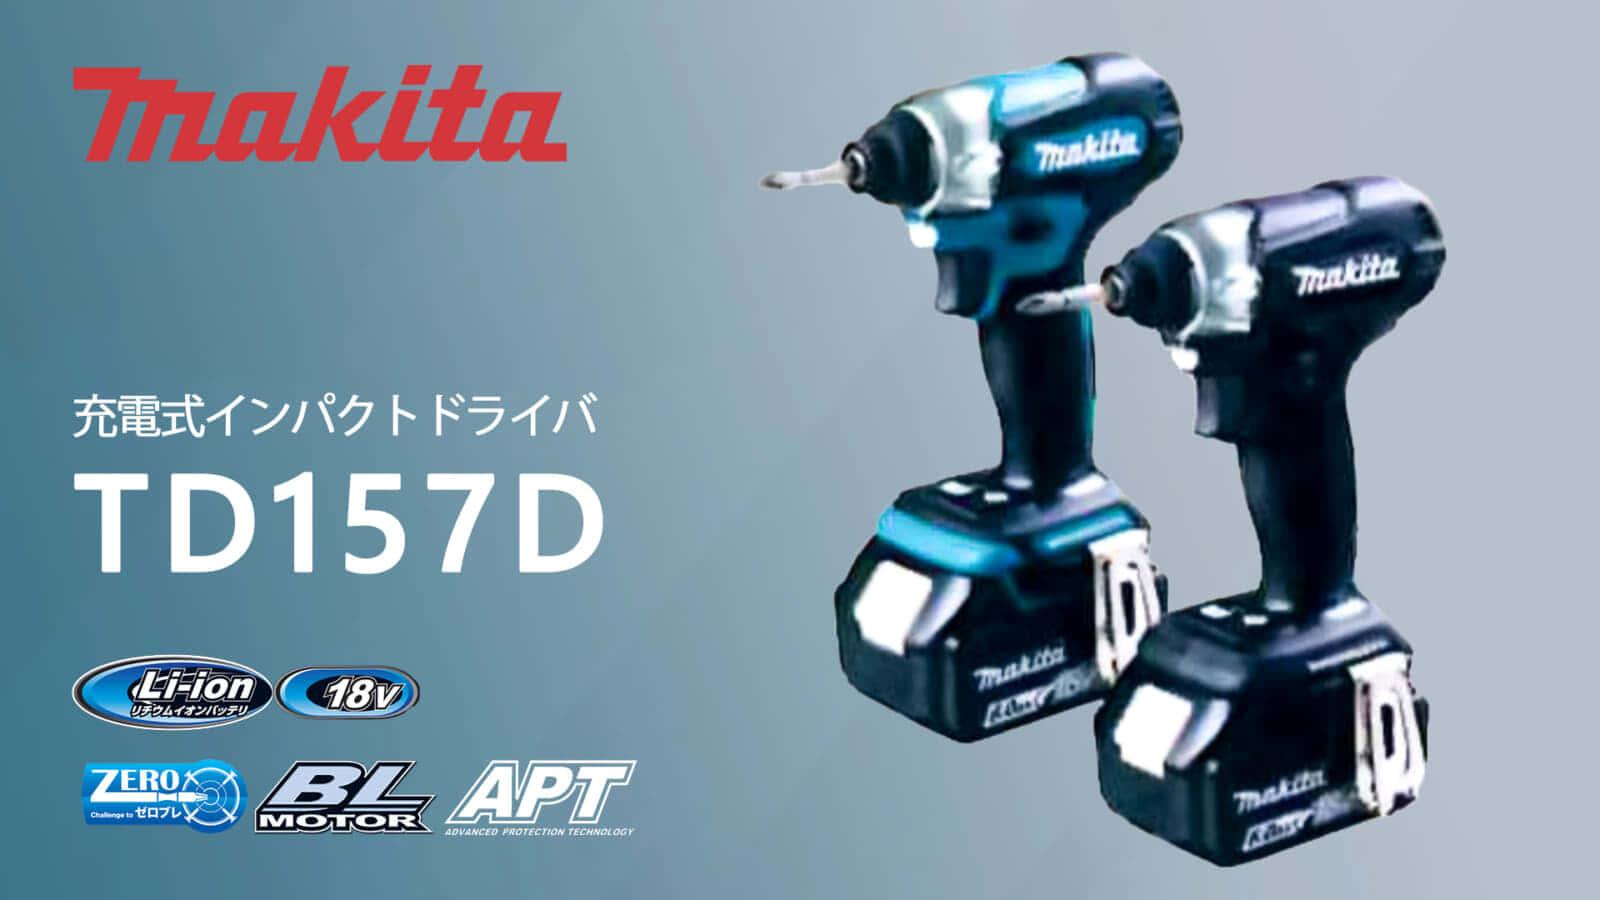 マキタ TD157D 充電式インパクトドライバが発売、造作作業向けの軽量モデル